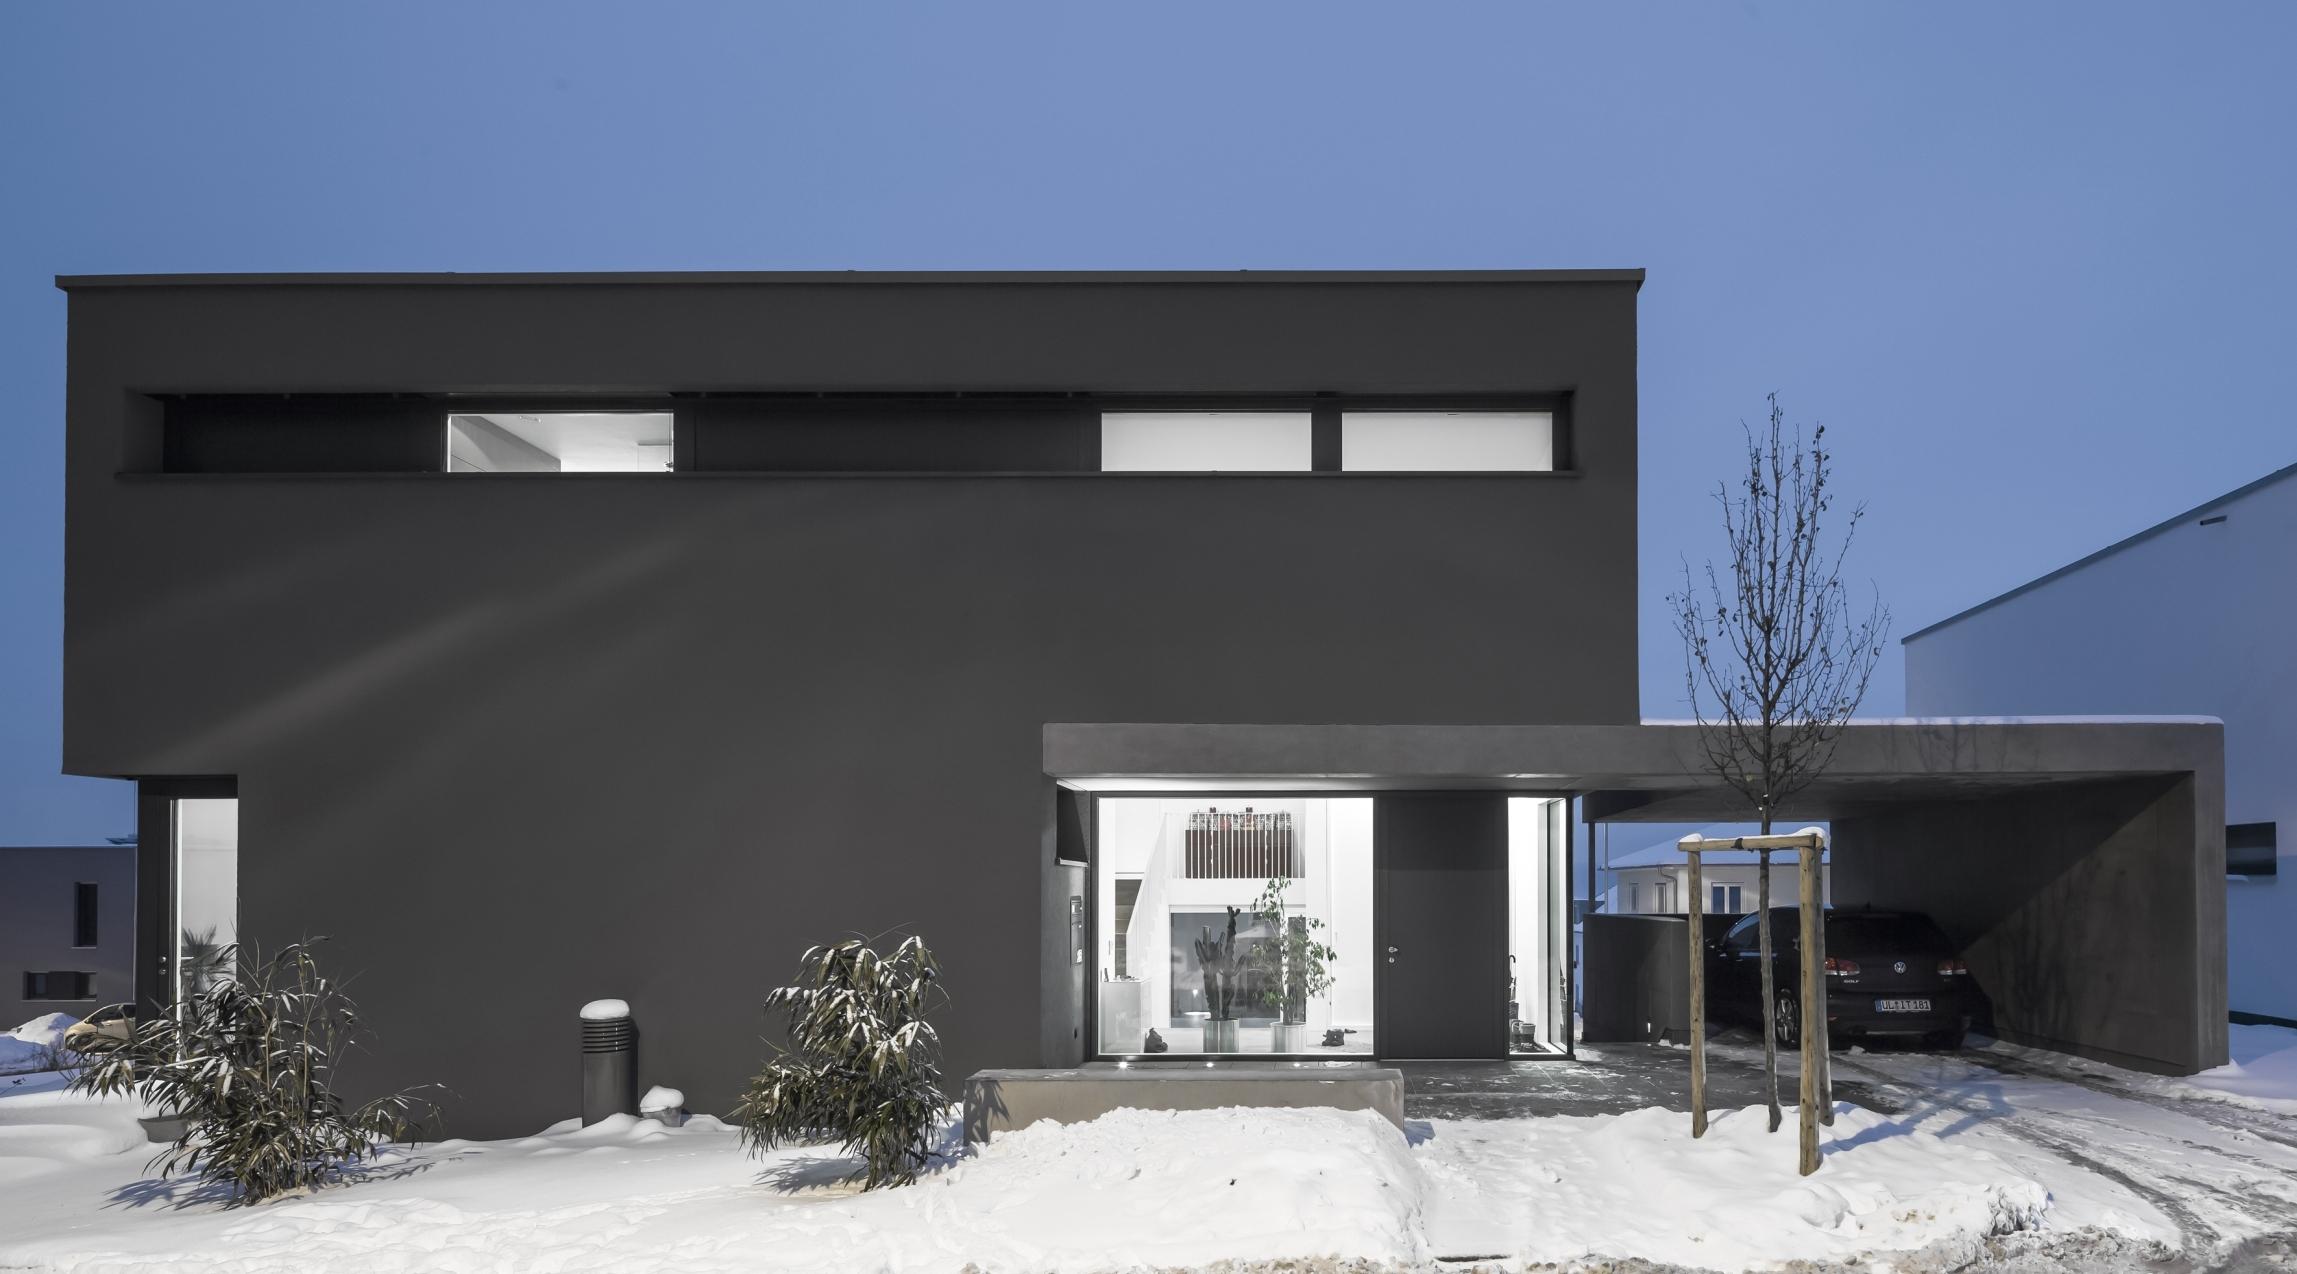 gerken architekten ingenieure gmbh architekten ulm deutschland tel 07311538. Black Bedroom Furniture Sets. Home Design Ideas